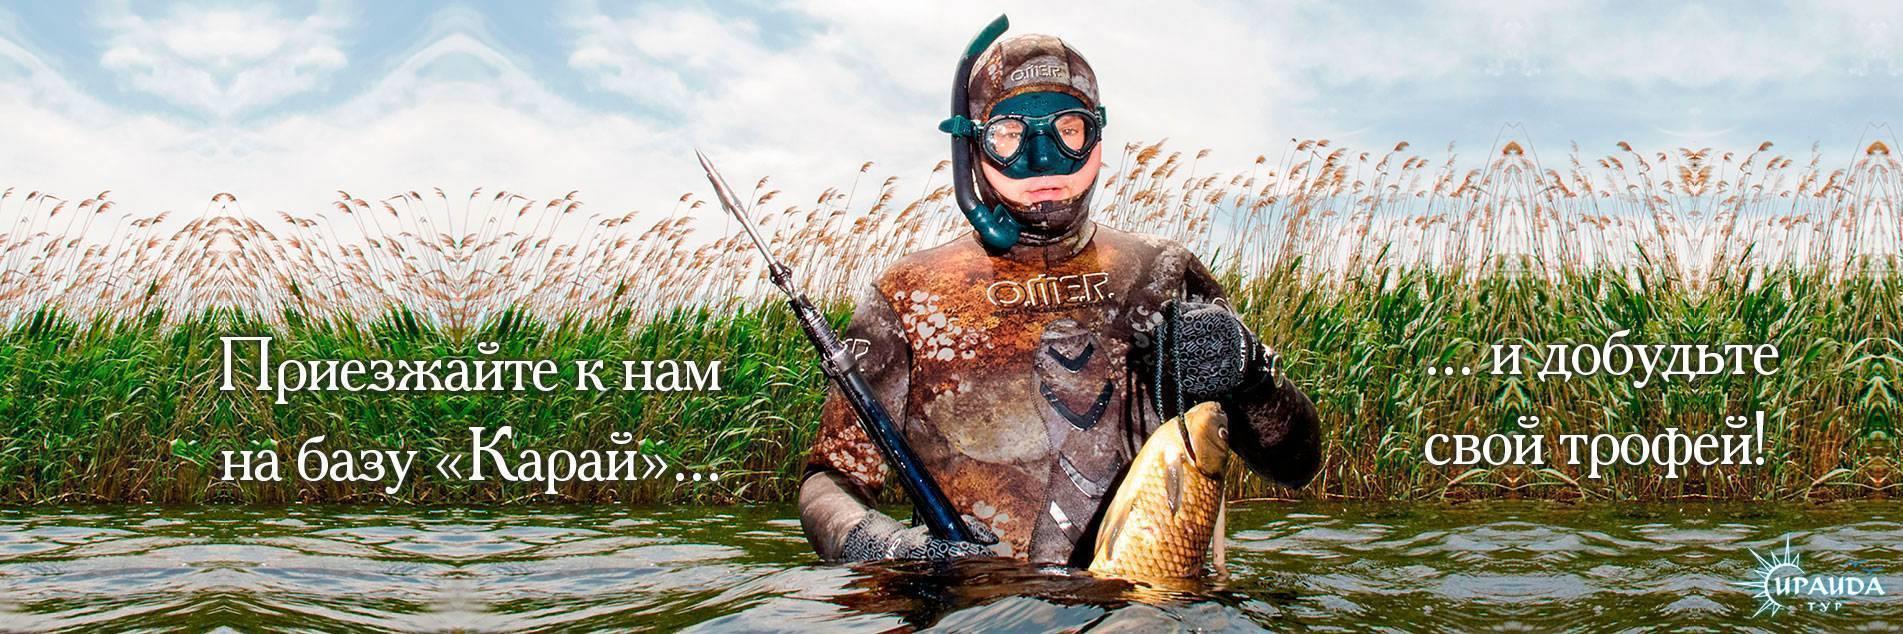 Рыболовная база «раскаты» - астрахань, цены, отзывы. турбаза раскаты.